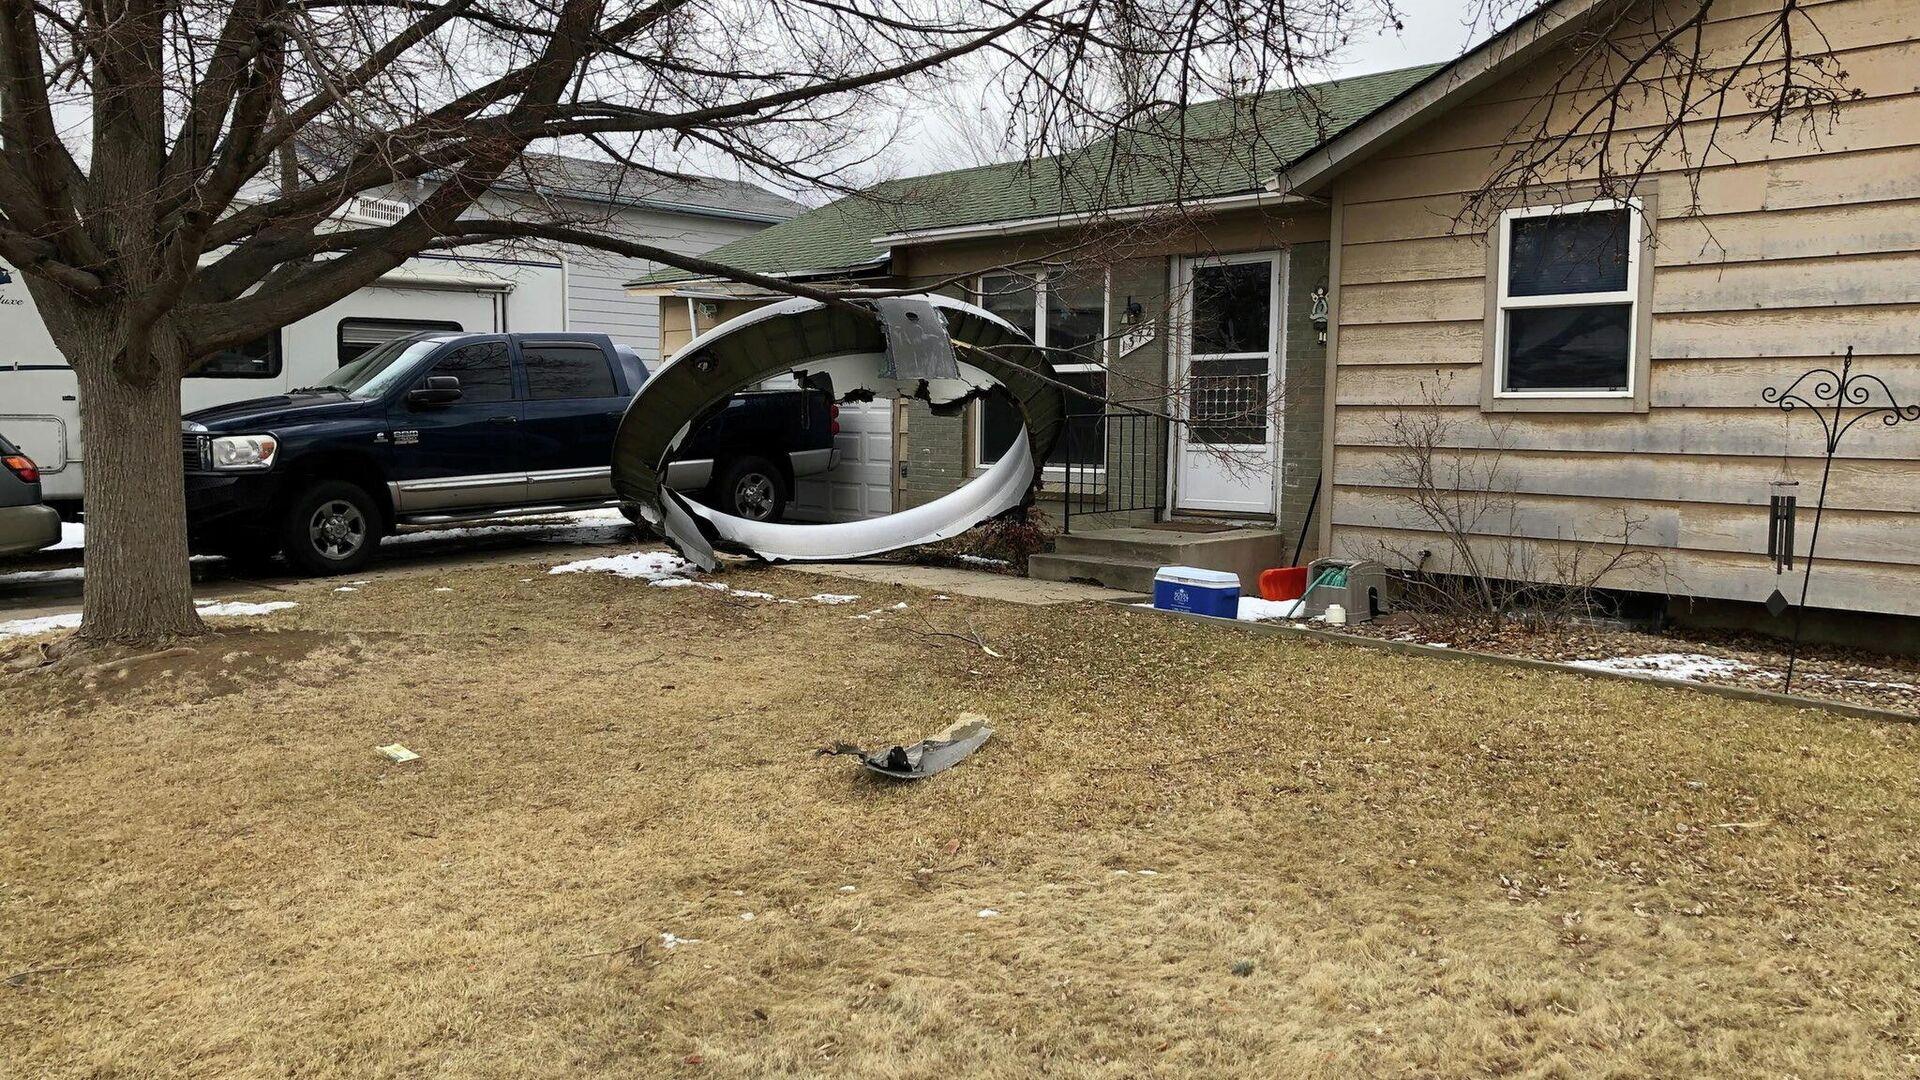 Обломки двигателя Boeing 777, упавшие в жилом районе Колорадо, США - РИА Новости, 1920, 22.02.2021